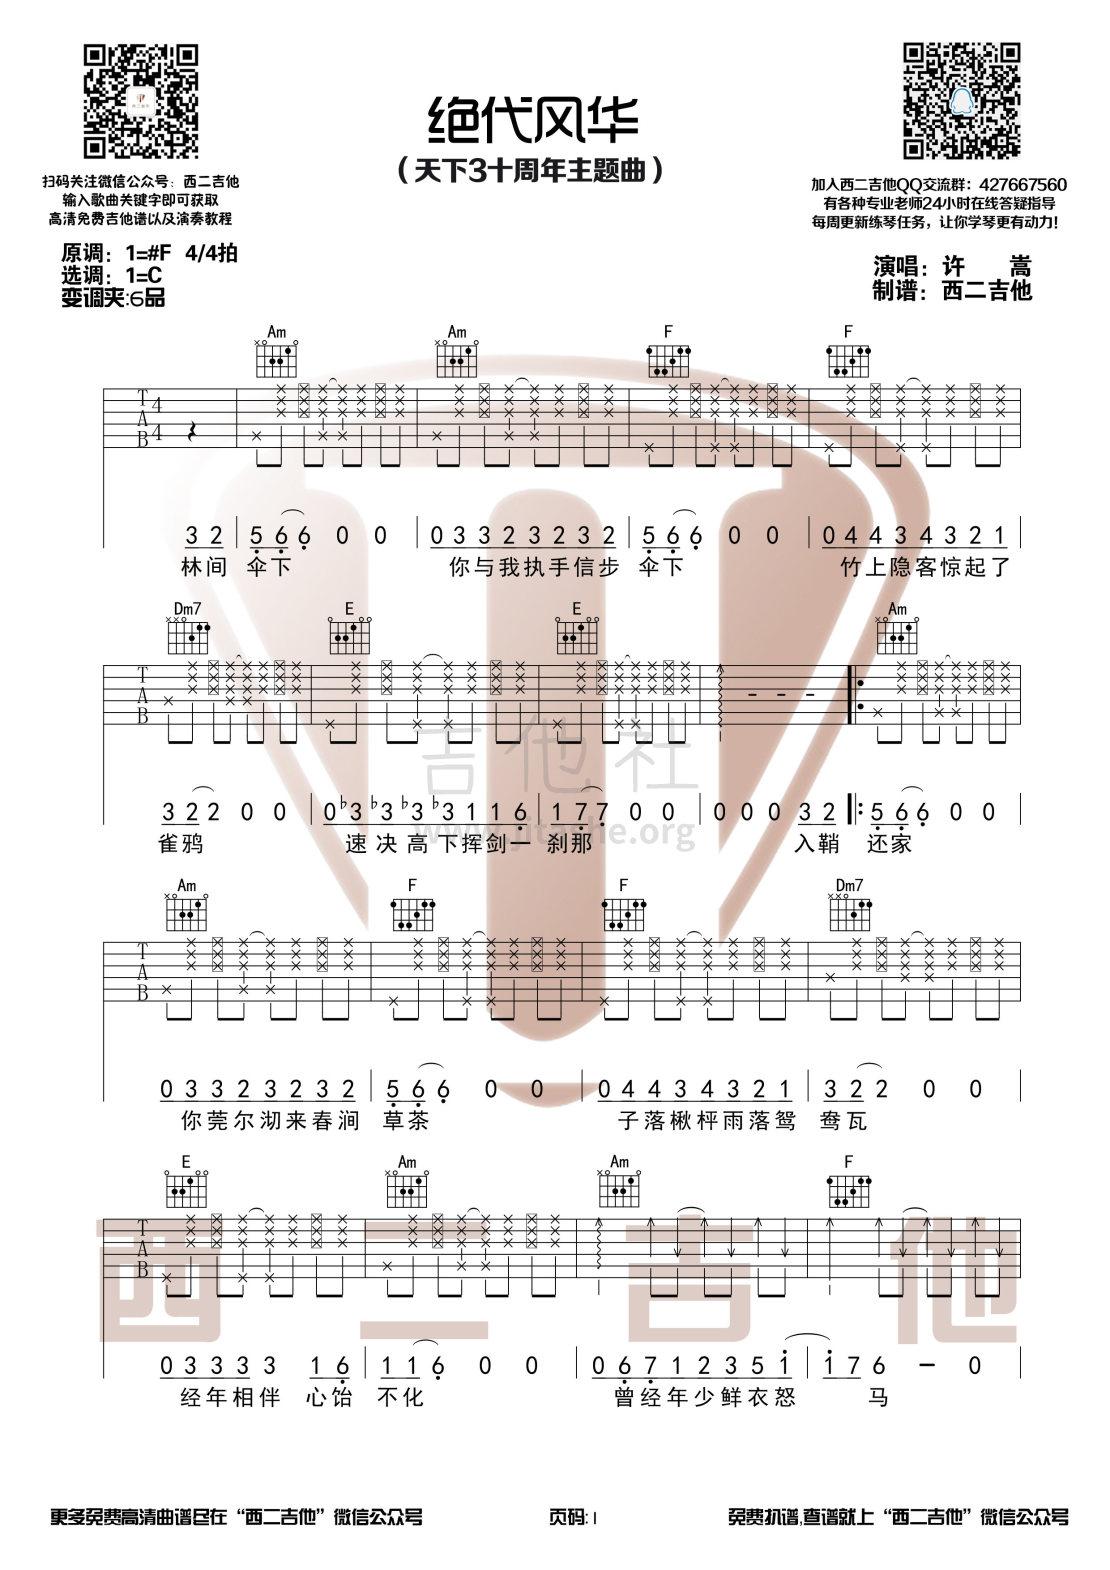 绝代风华(天下3十周年主题曲)吉他谱(图片谱,全网首发,原版伴奏,弹唱)_许嵩(Vae)_绝代风华1.jpg